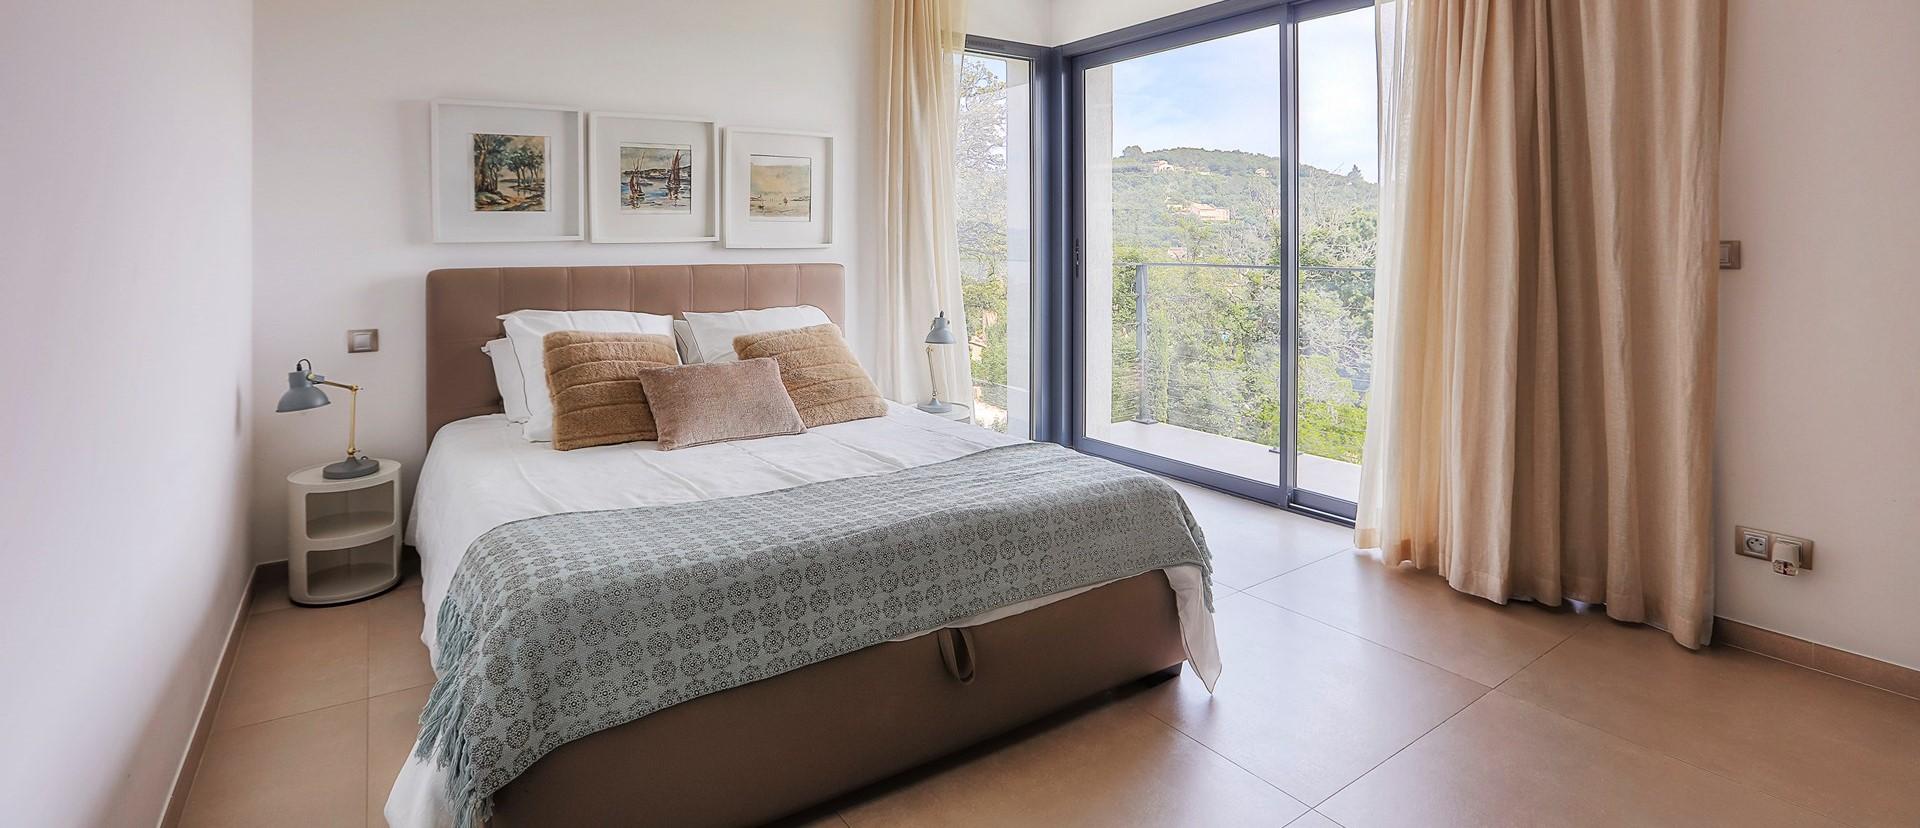 villa-grimaud-double-bedroom-3